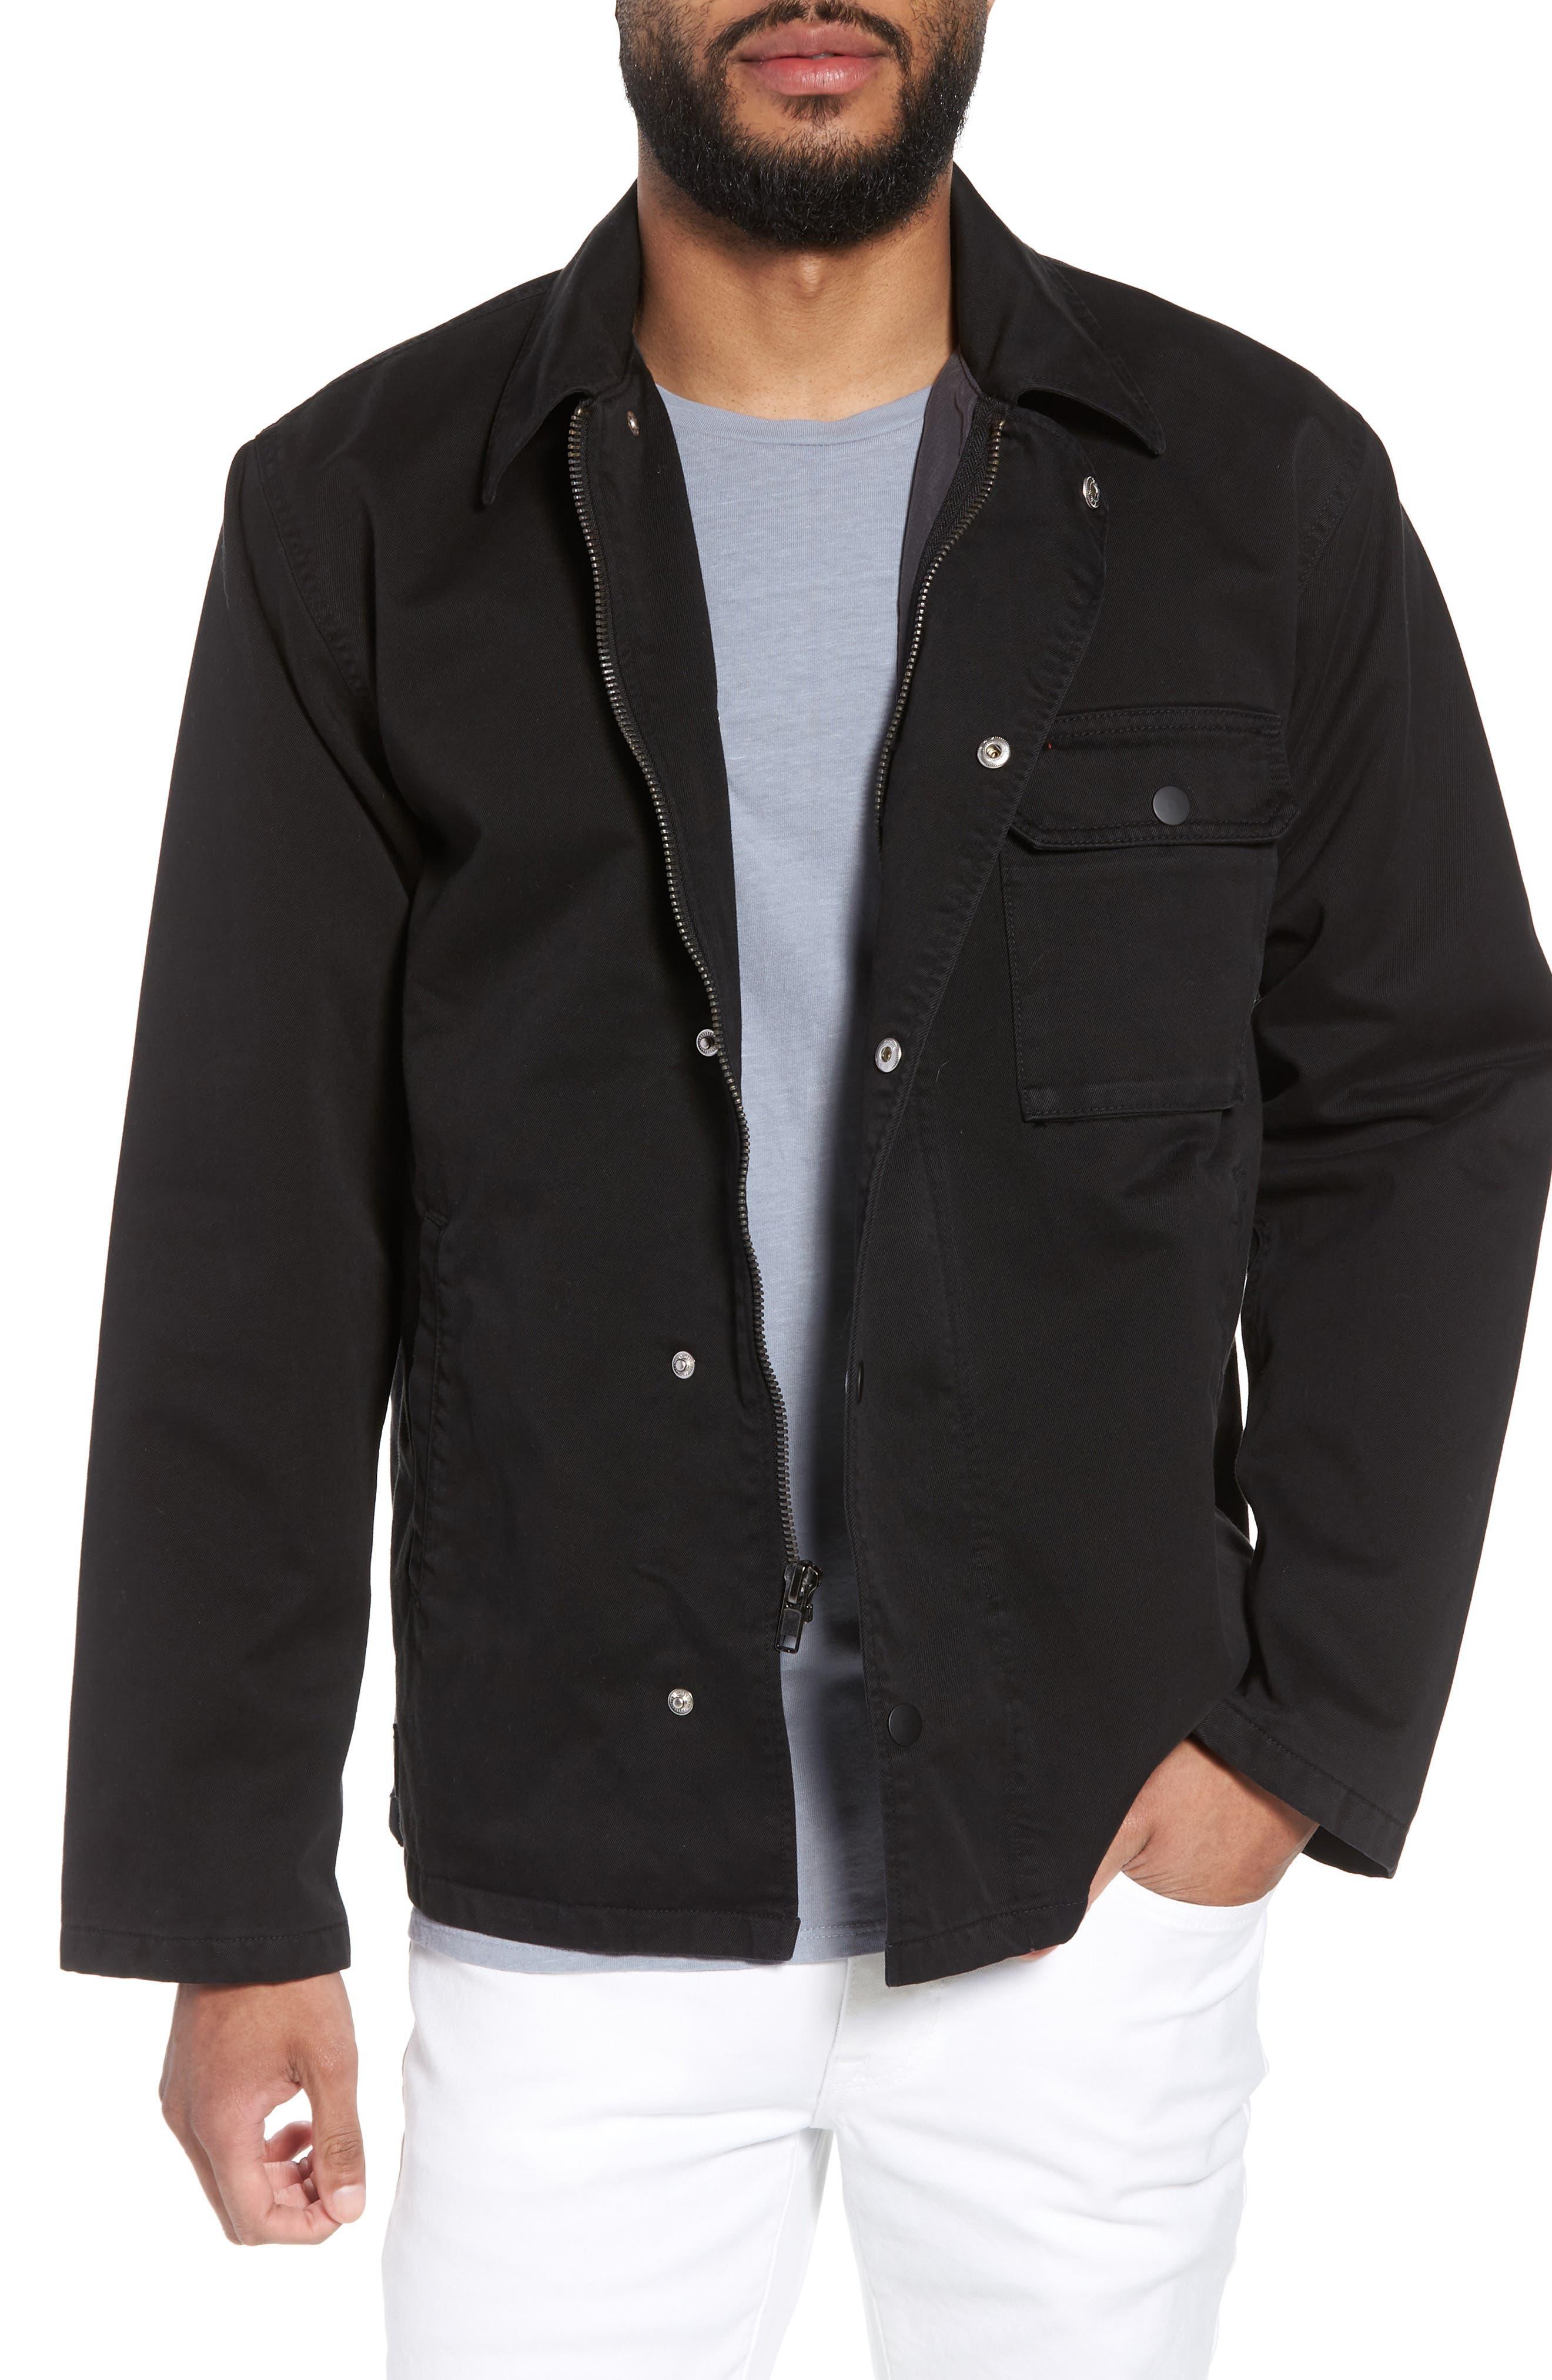 Hudson Military Jacket,                             Main thumbnail 1, color,                             001